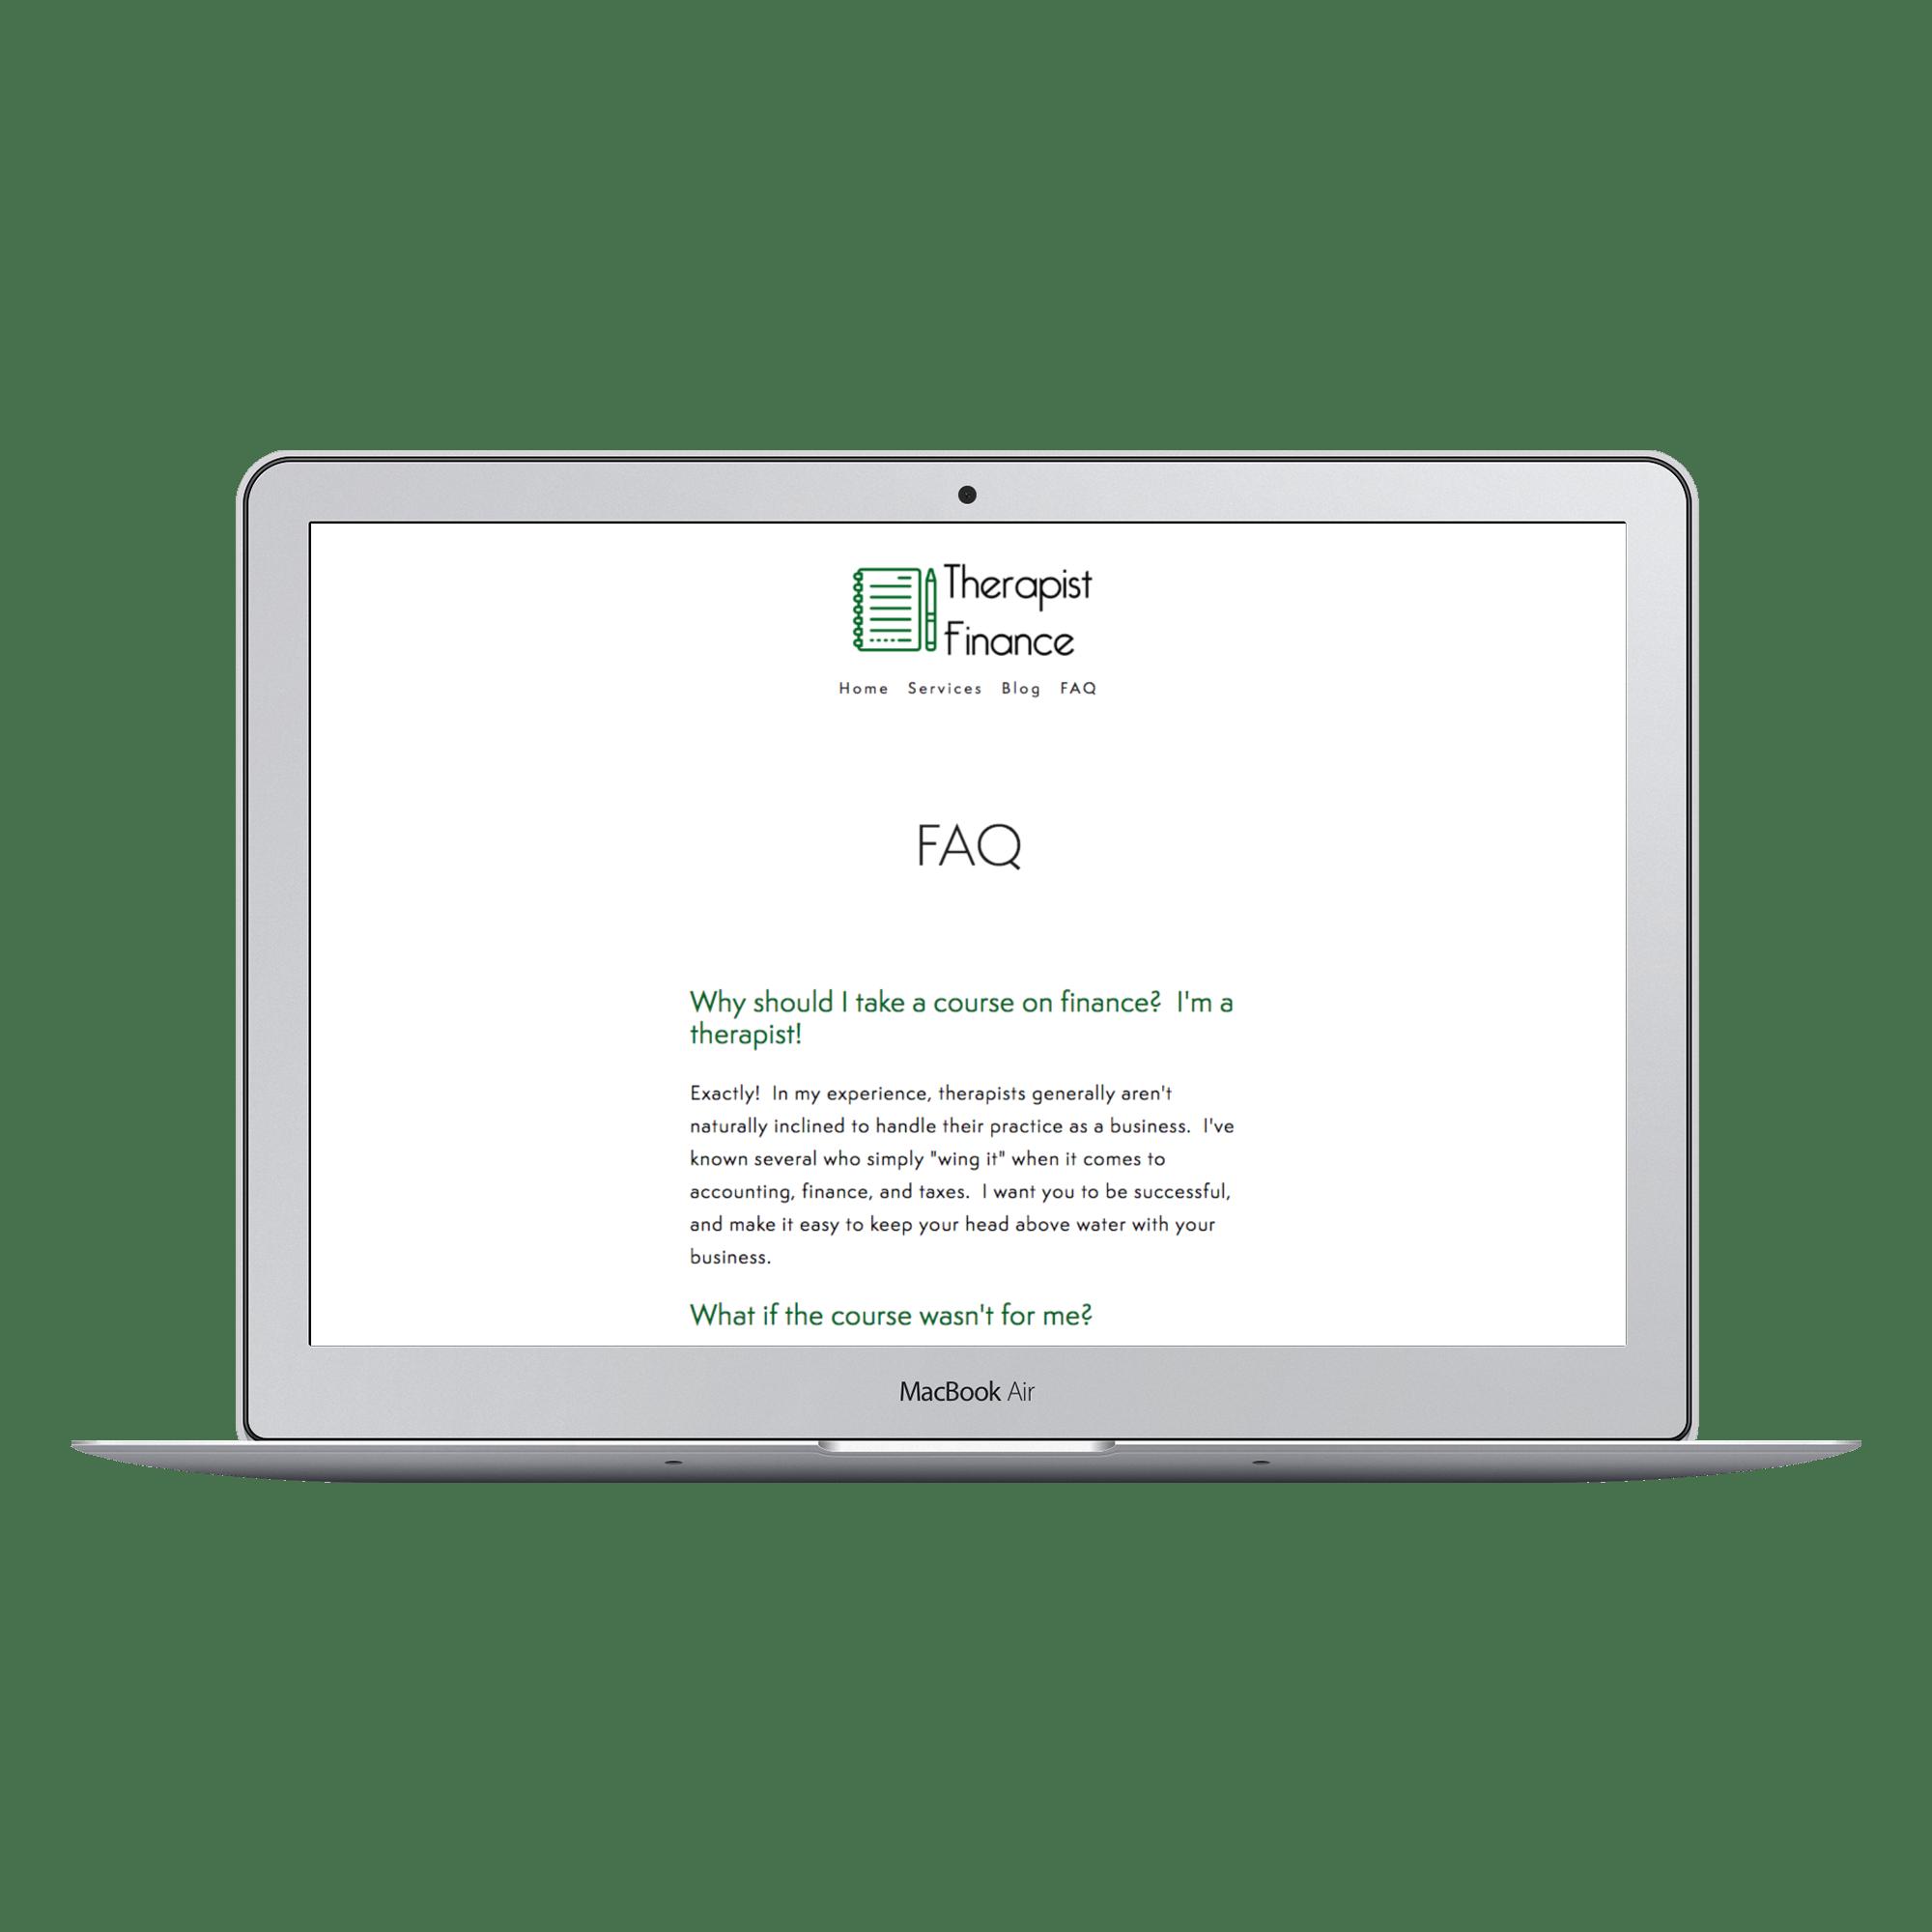 Therapist Finance FAQ Mockup.png